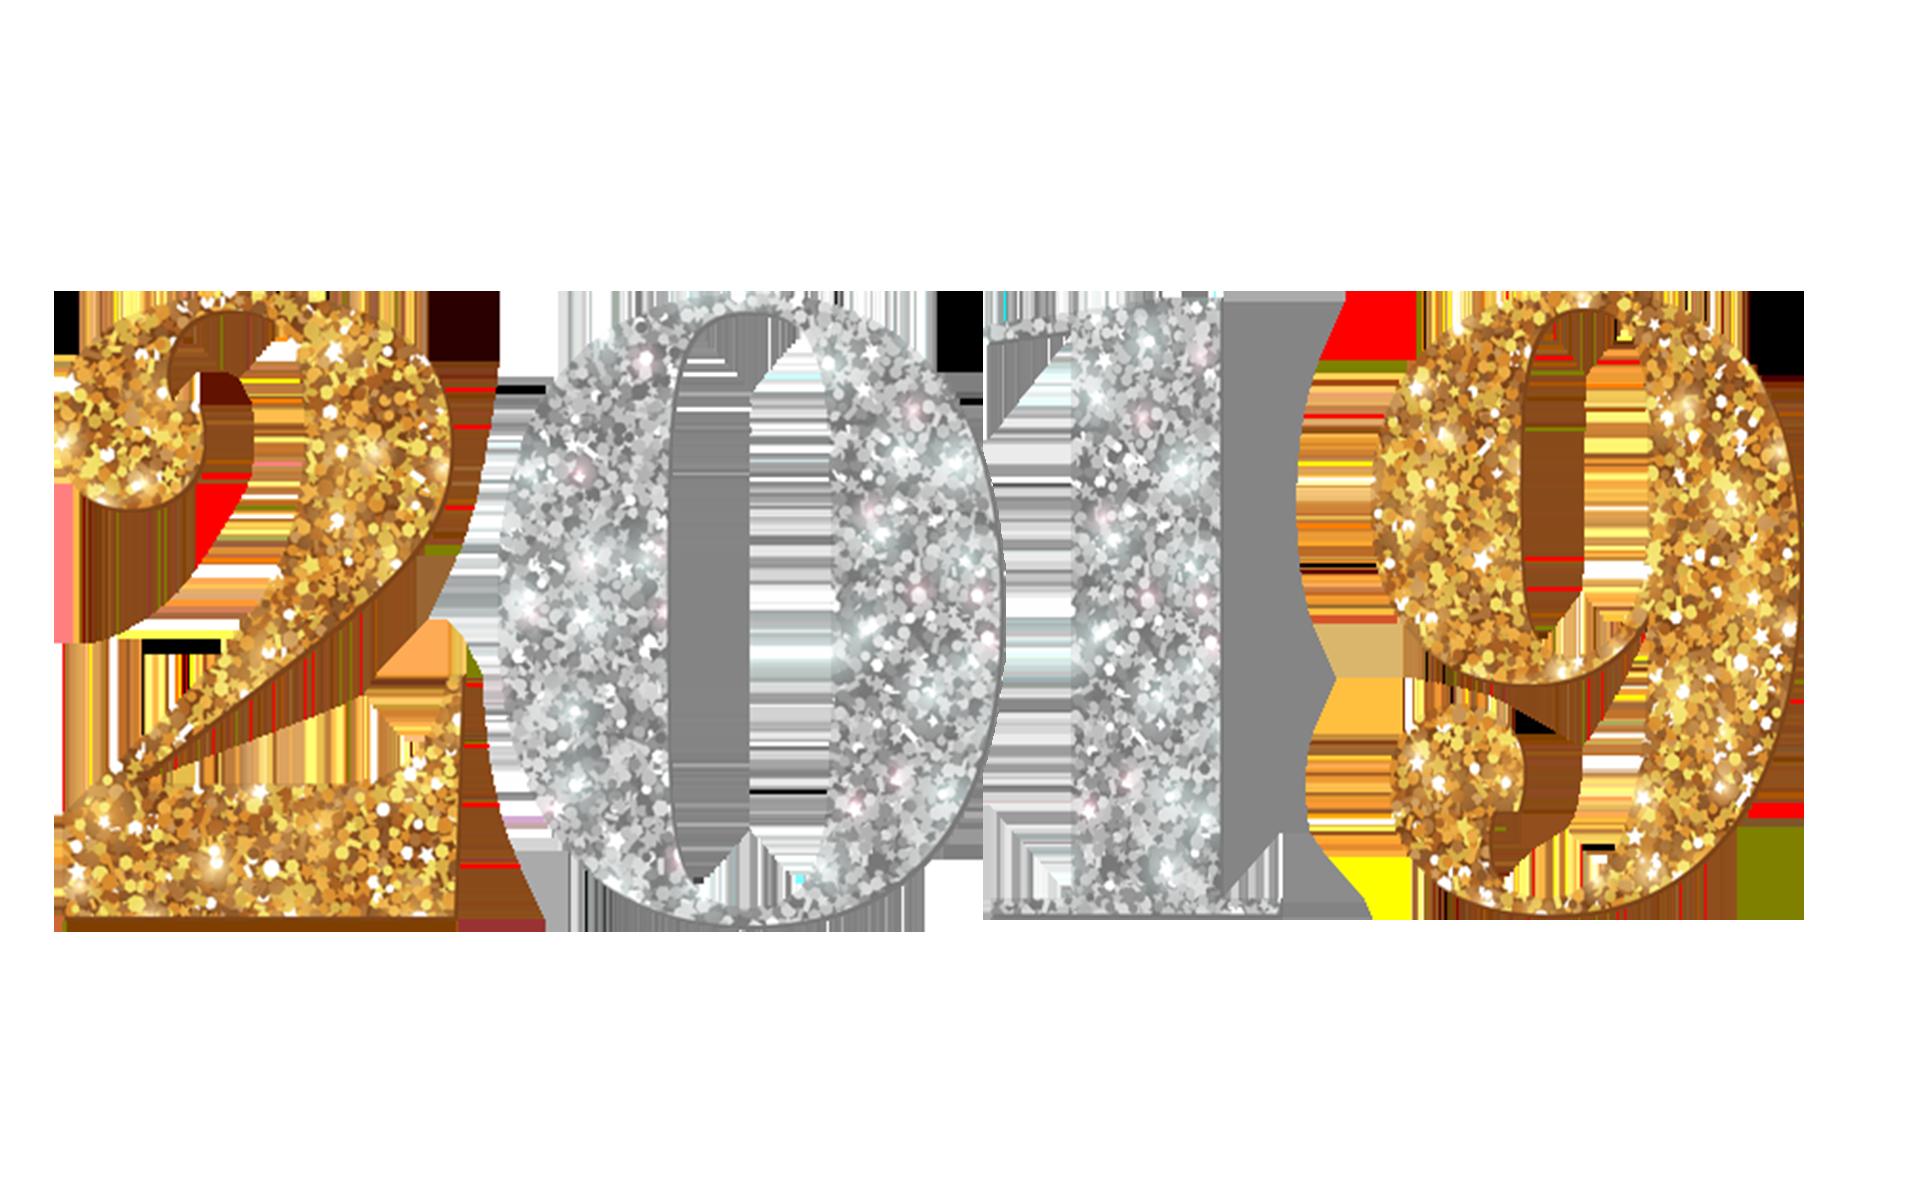 Golden 2019 PNG Transparent Image.